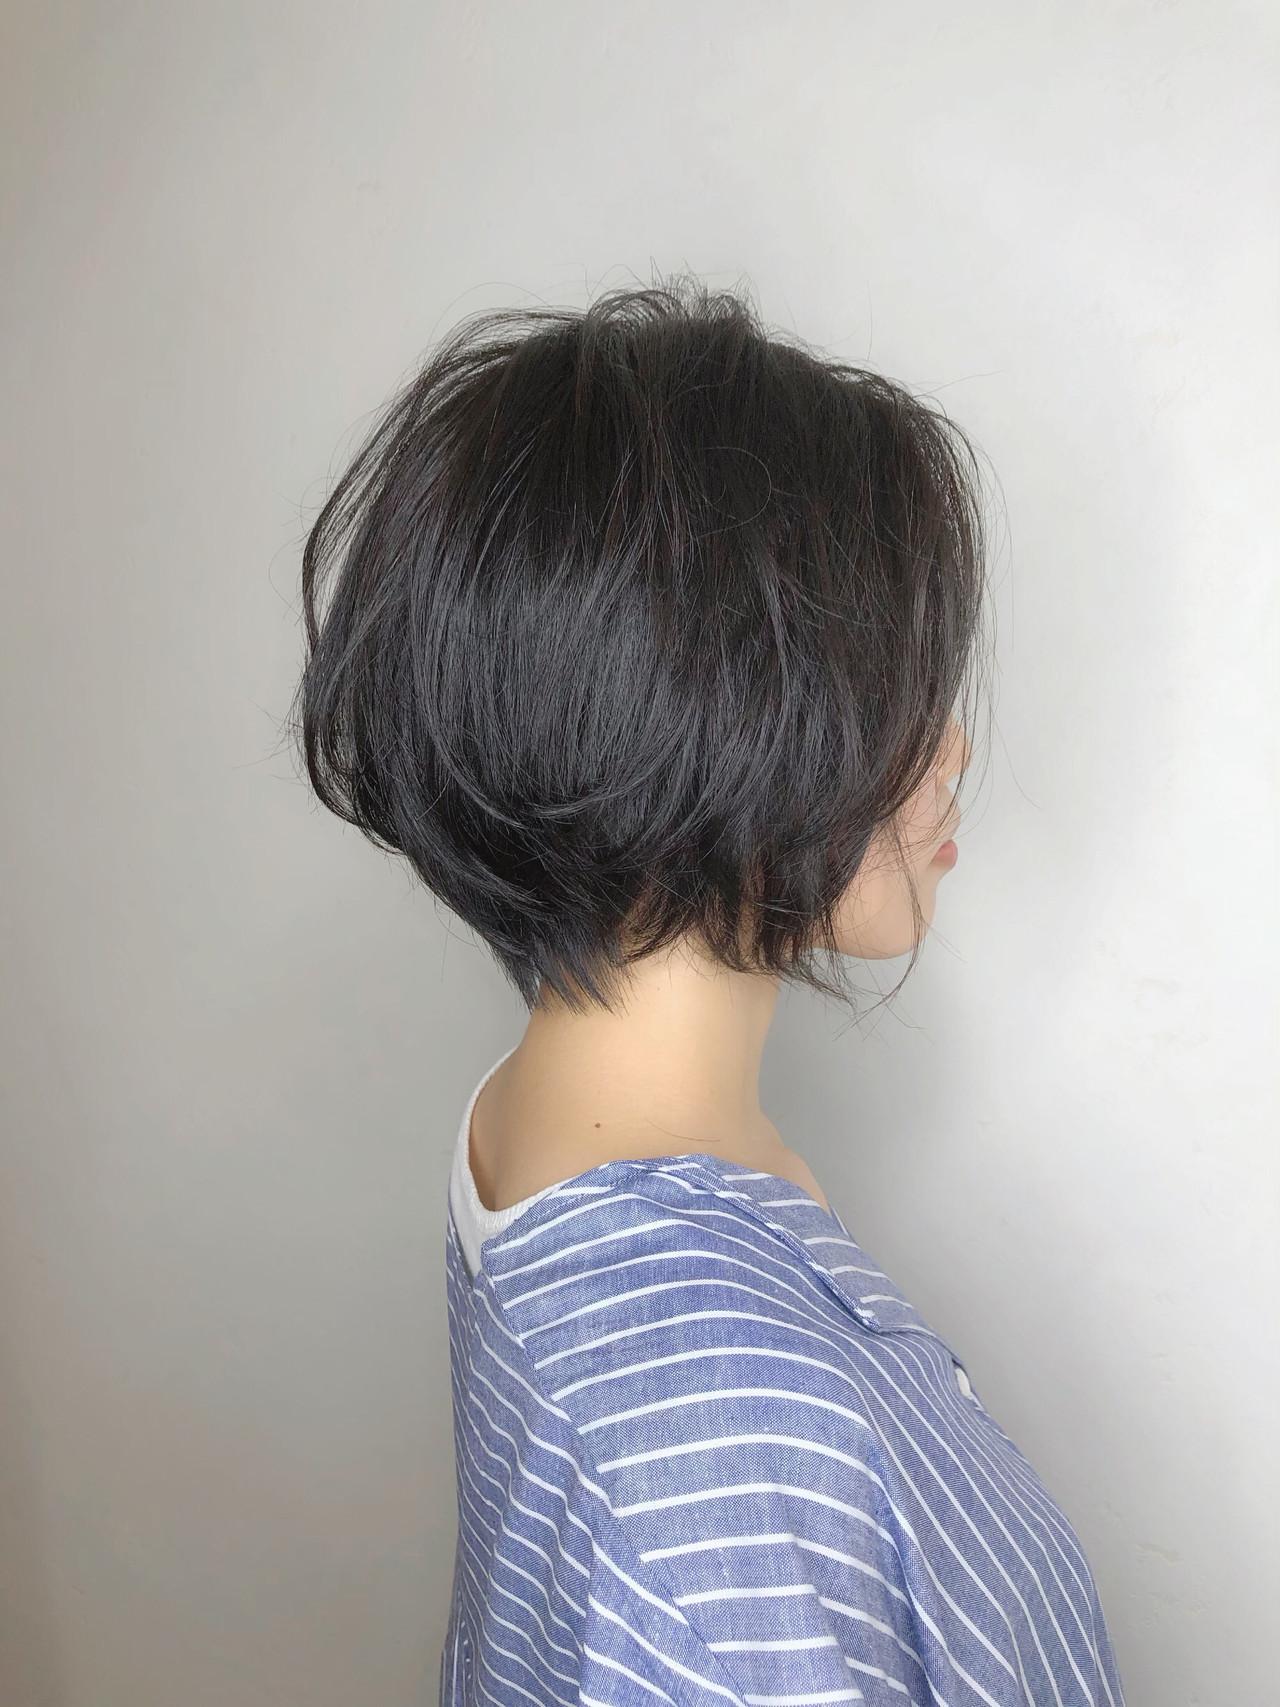 小顔ショート ハンサムショート ショート ショートボブ ヘアスタイルや髪型の写真・画像